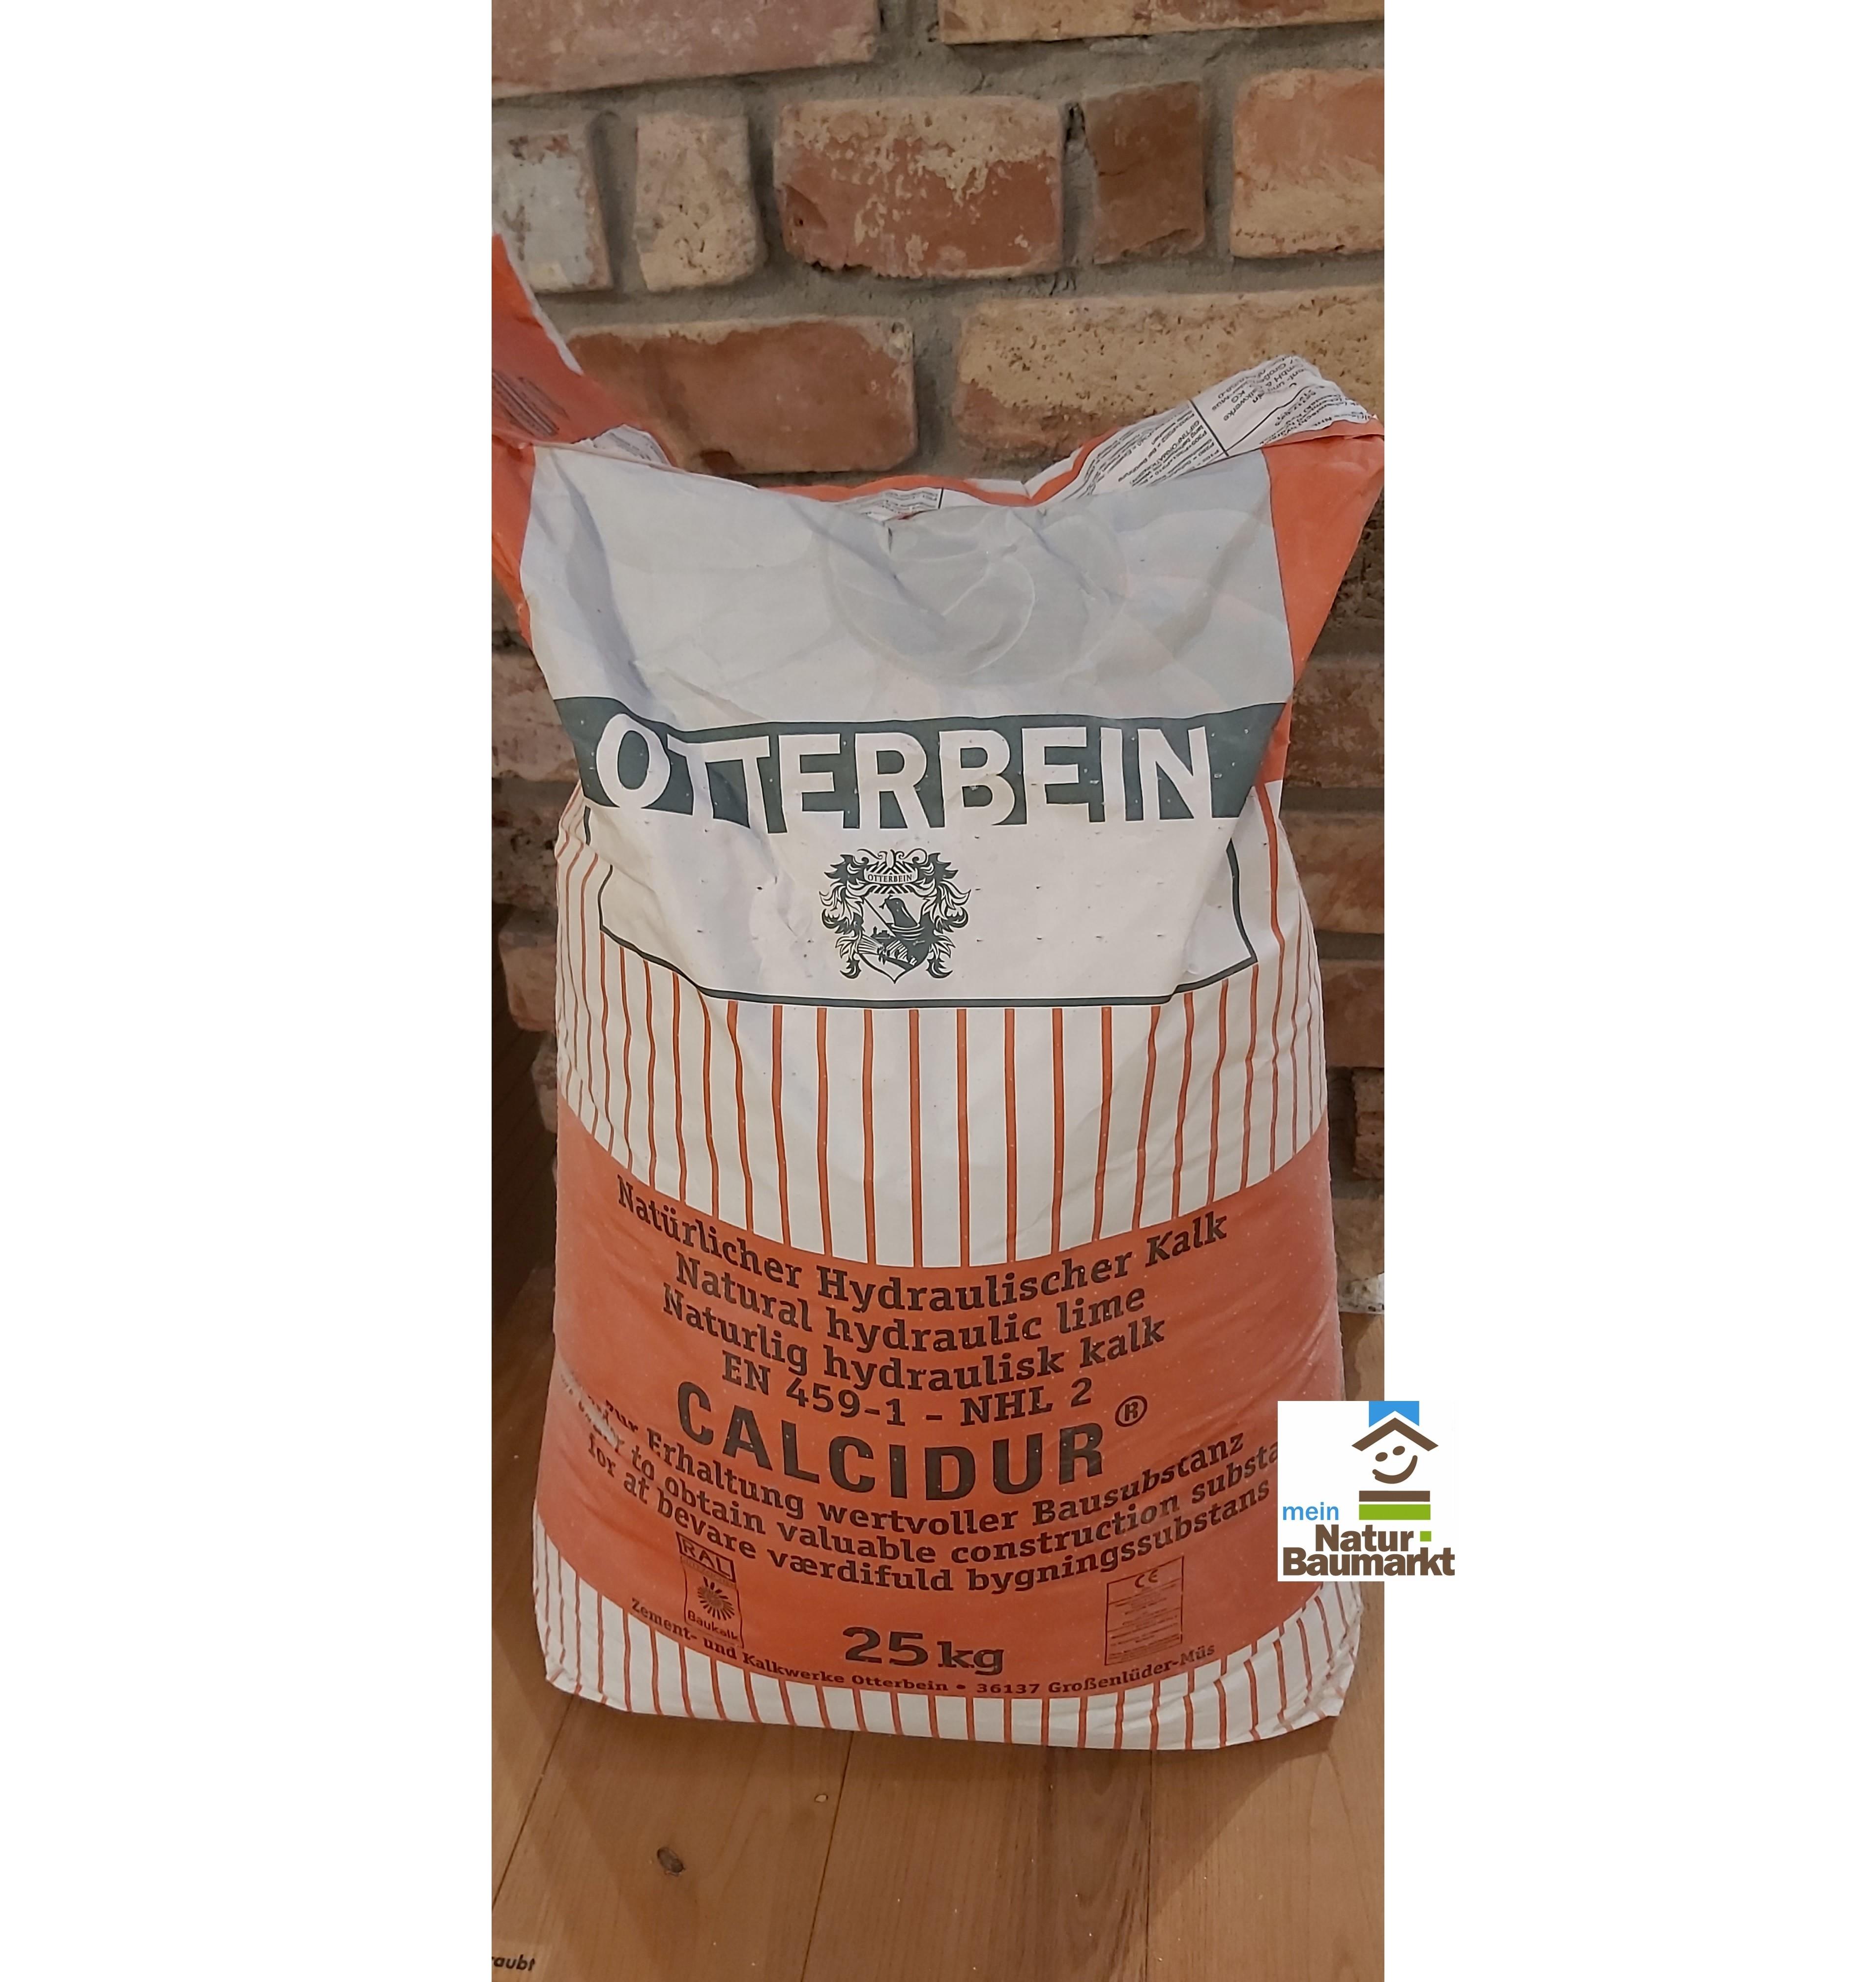 Otterbein Calcidur ® Natürlicher hydraulischer Kalk NHL 2, 25 kg Sack